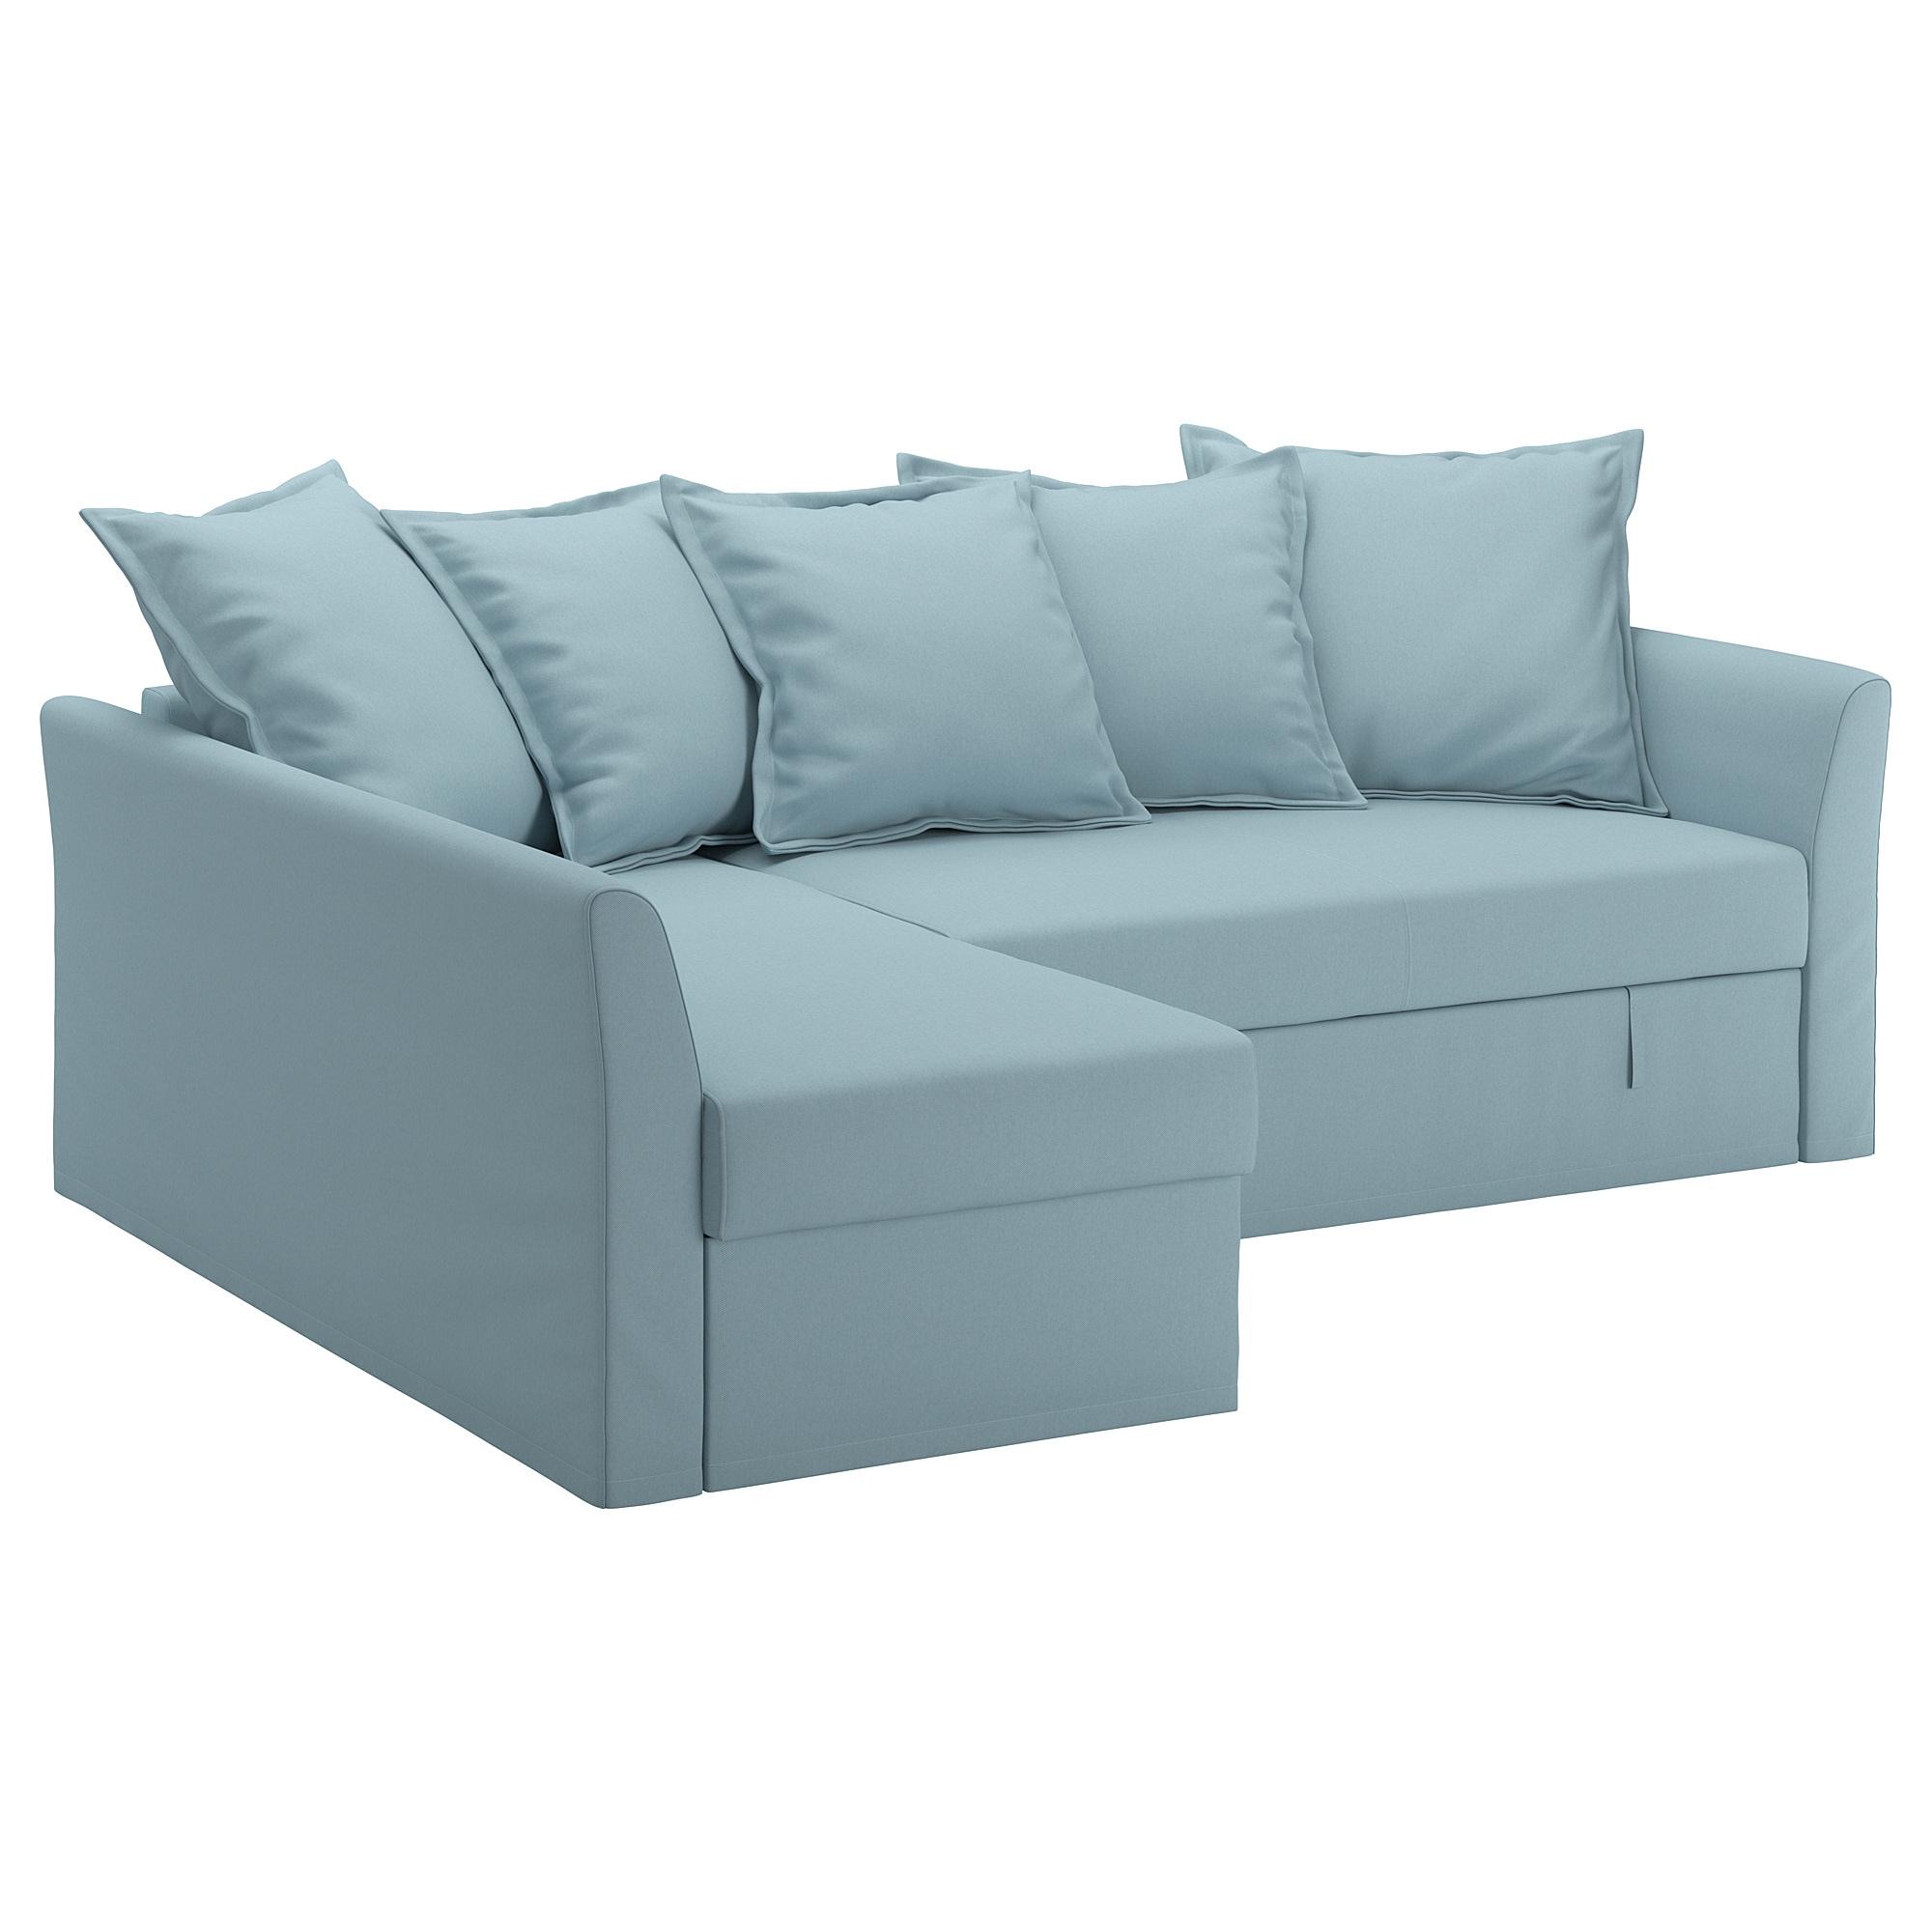 Fundas Para sofa Cama 9ddf Holmsund Funda Para sofà Cama Esquina orrsta Azul Claro Ikea